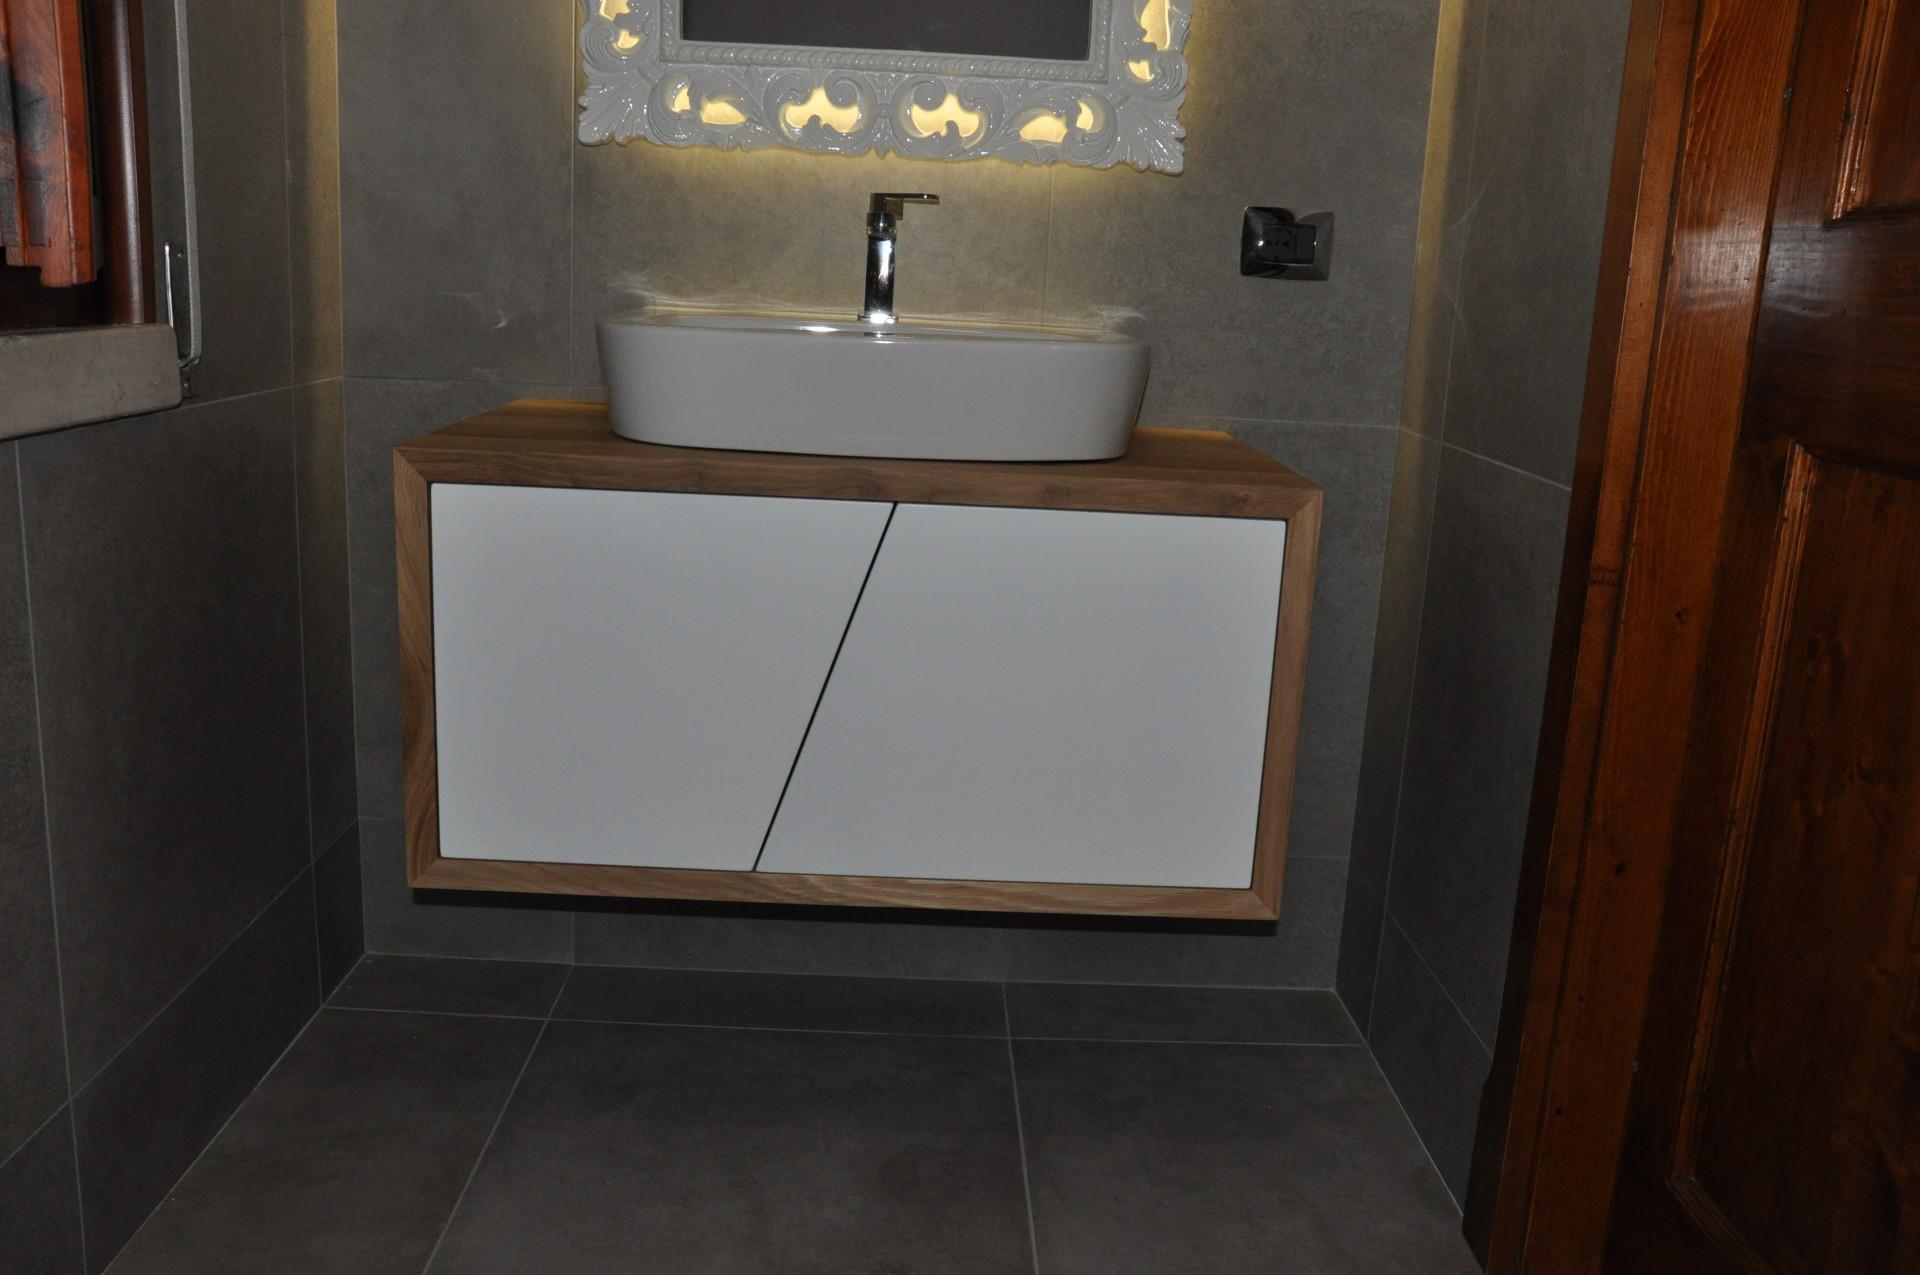 Mobile per il bagno in rovere fadini mobili cerea verona - Mobile per il bagno ...